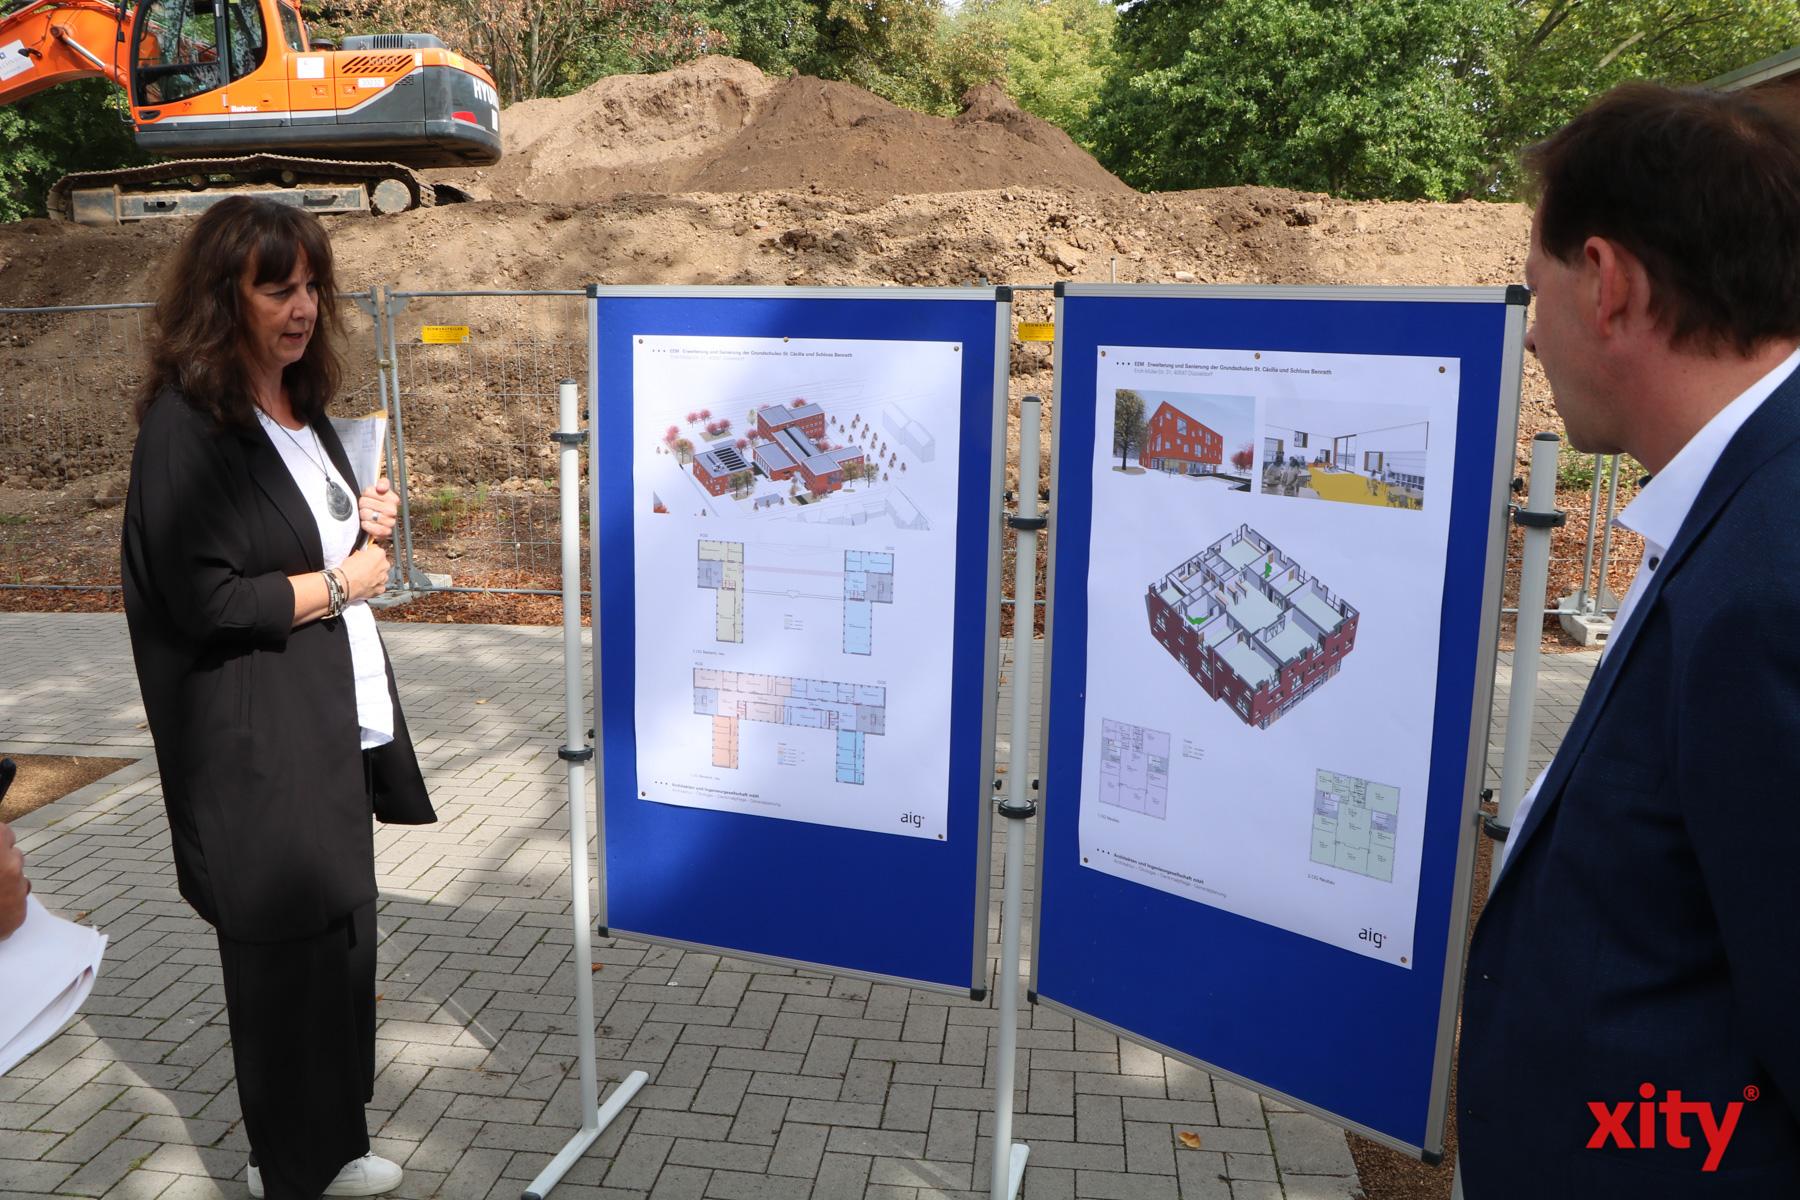 Freia Visser vom Schulverwaltungsamt erklärte die Maßnahmen in Benrath (Foto: xity)